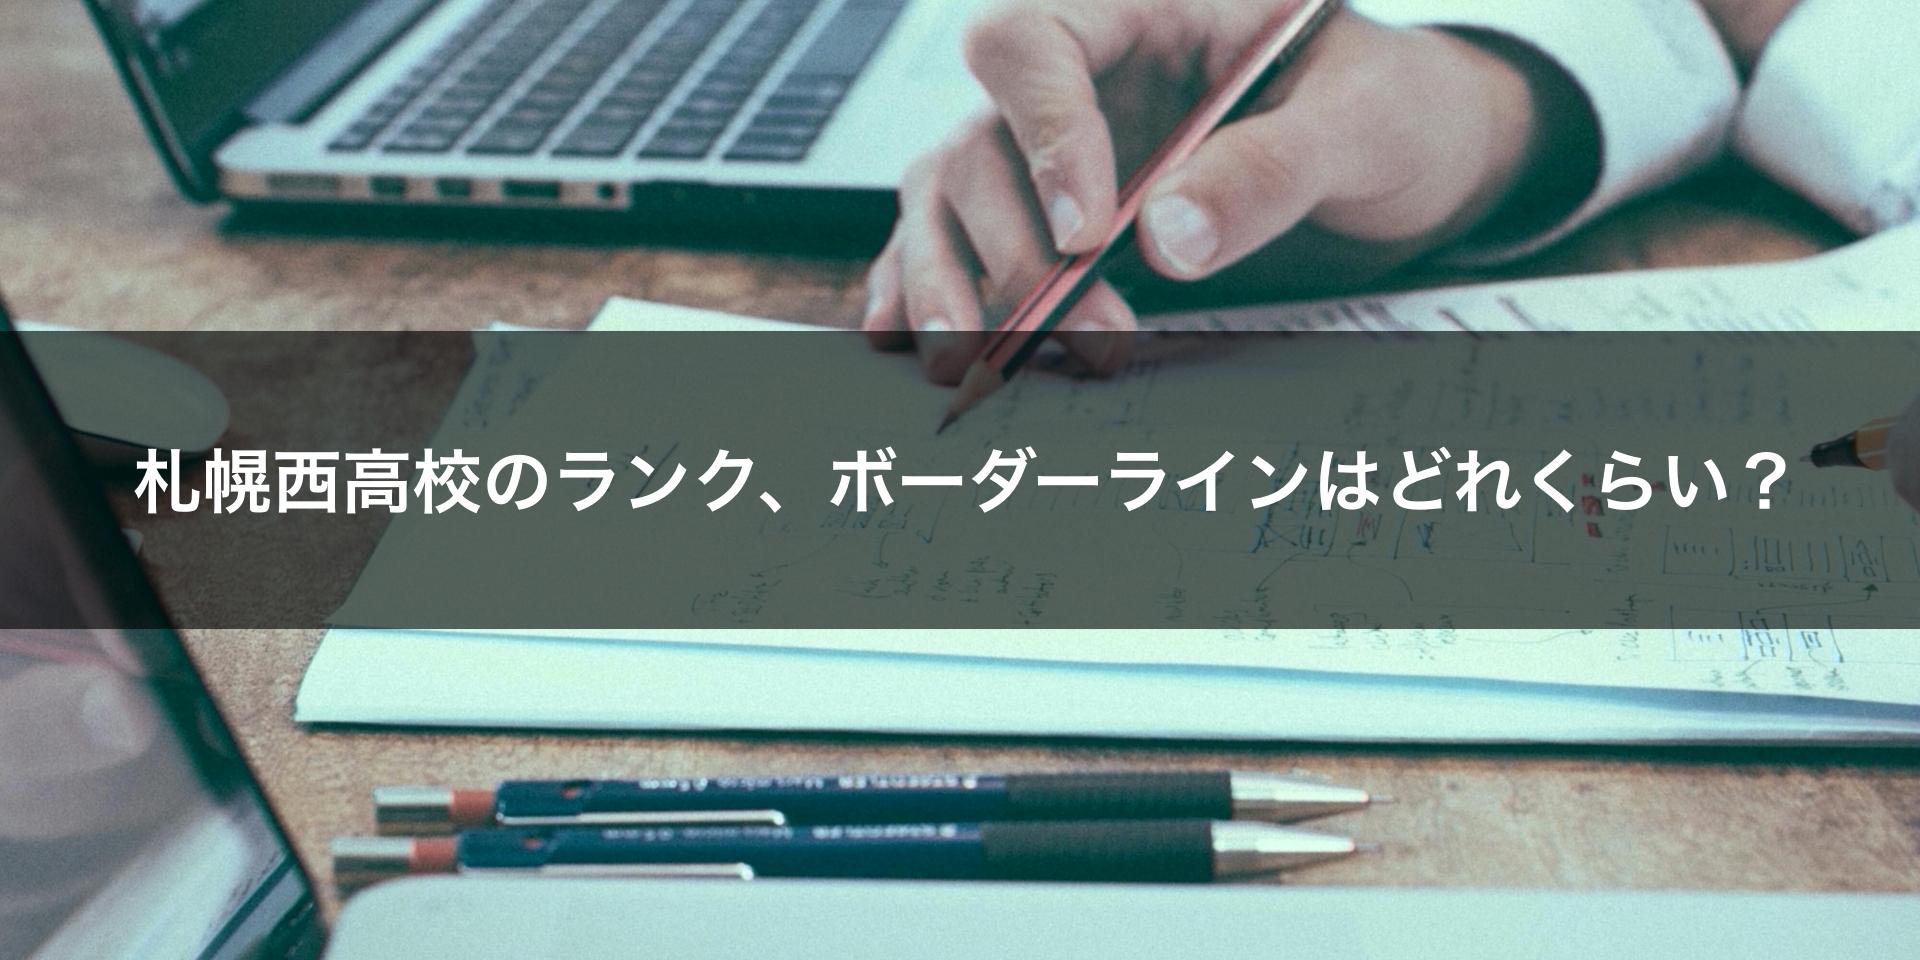 札幌西高校のランク、ボーダーラインはどれくらい?